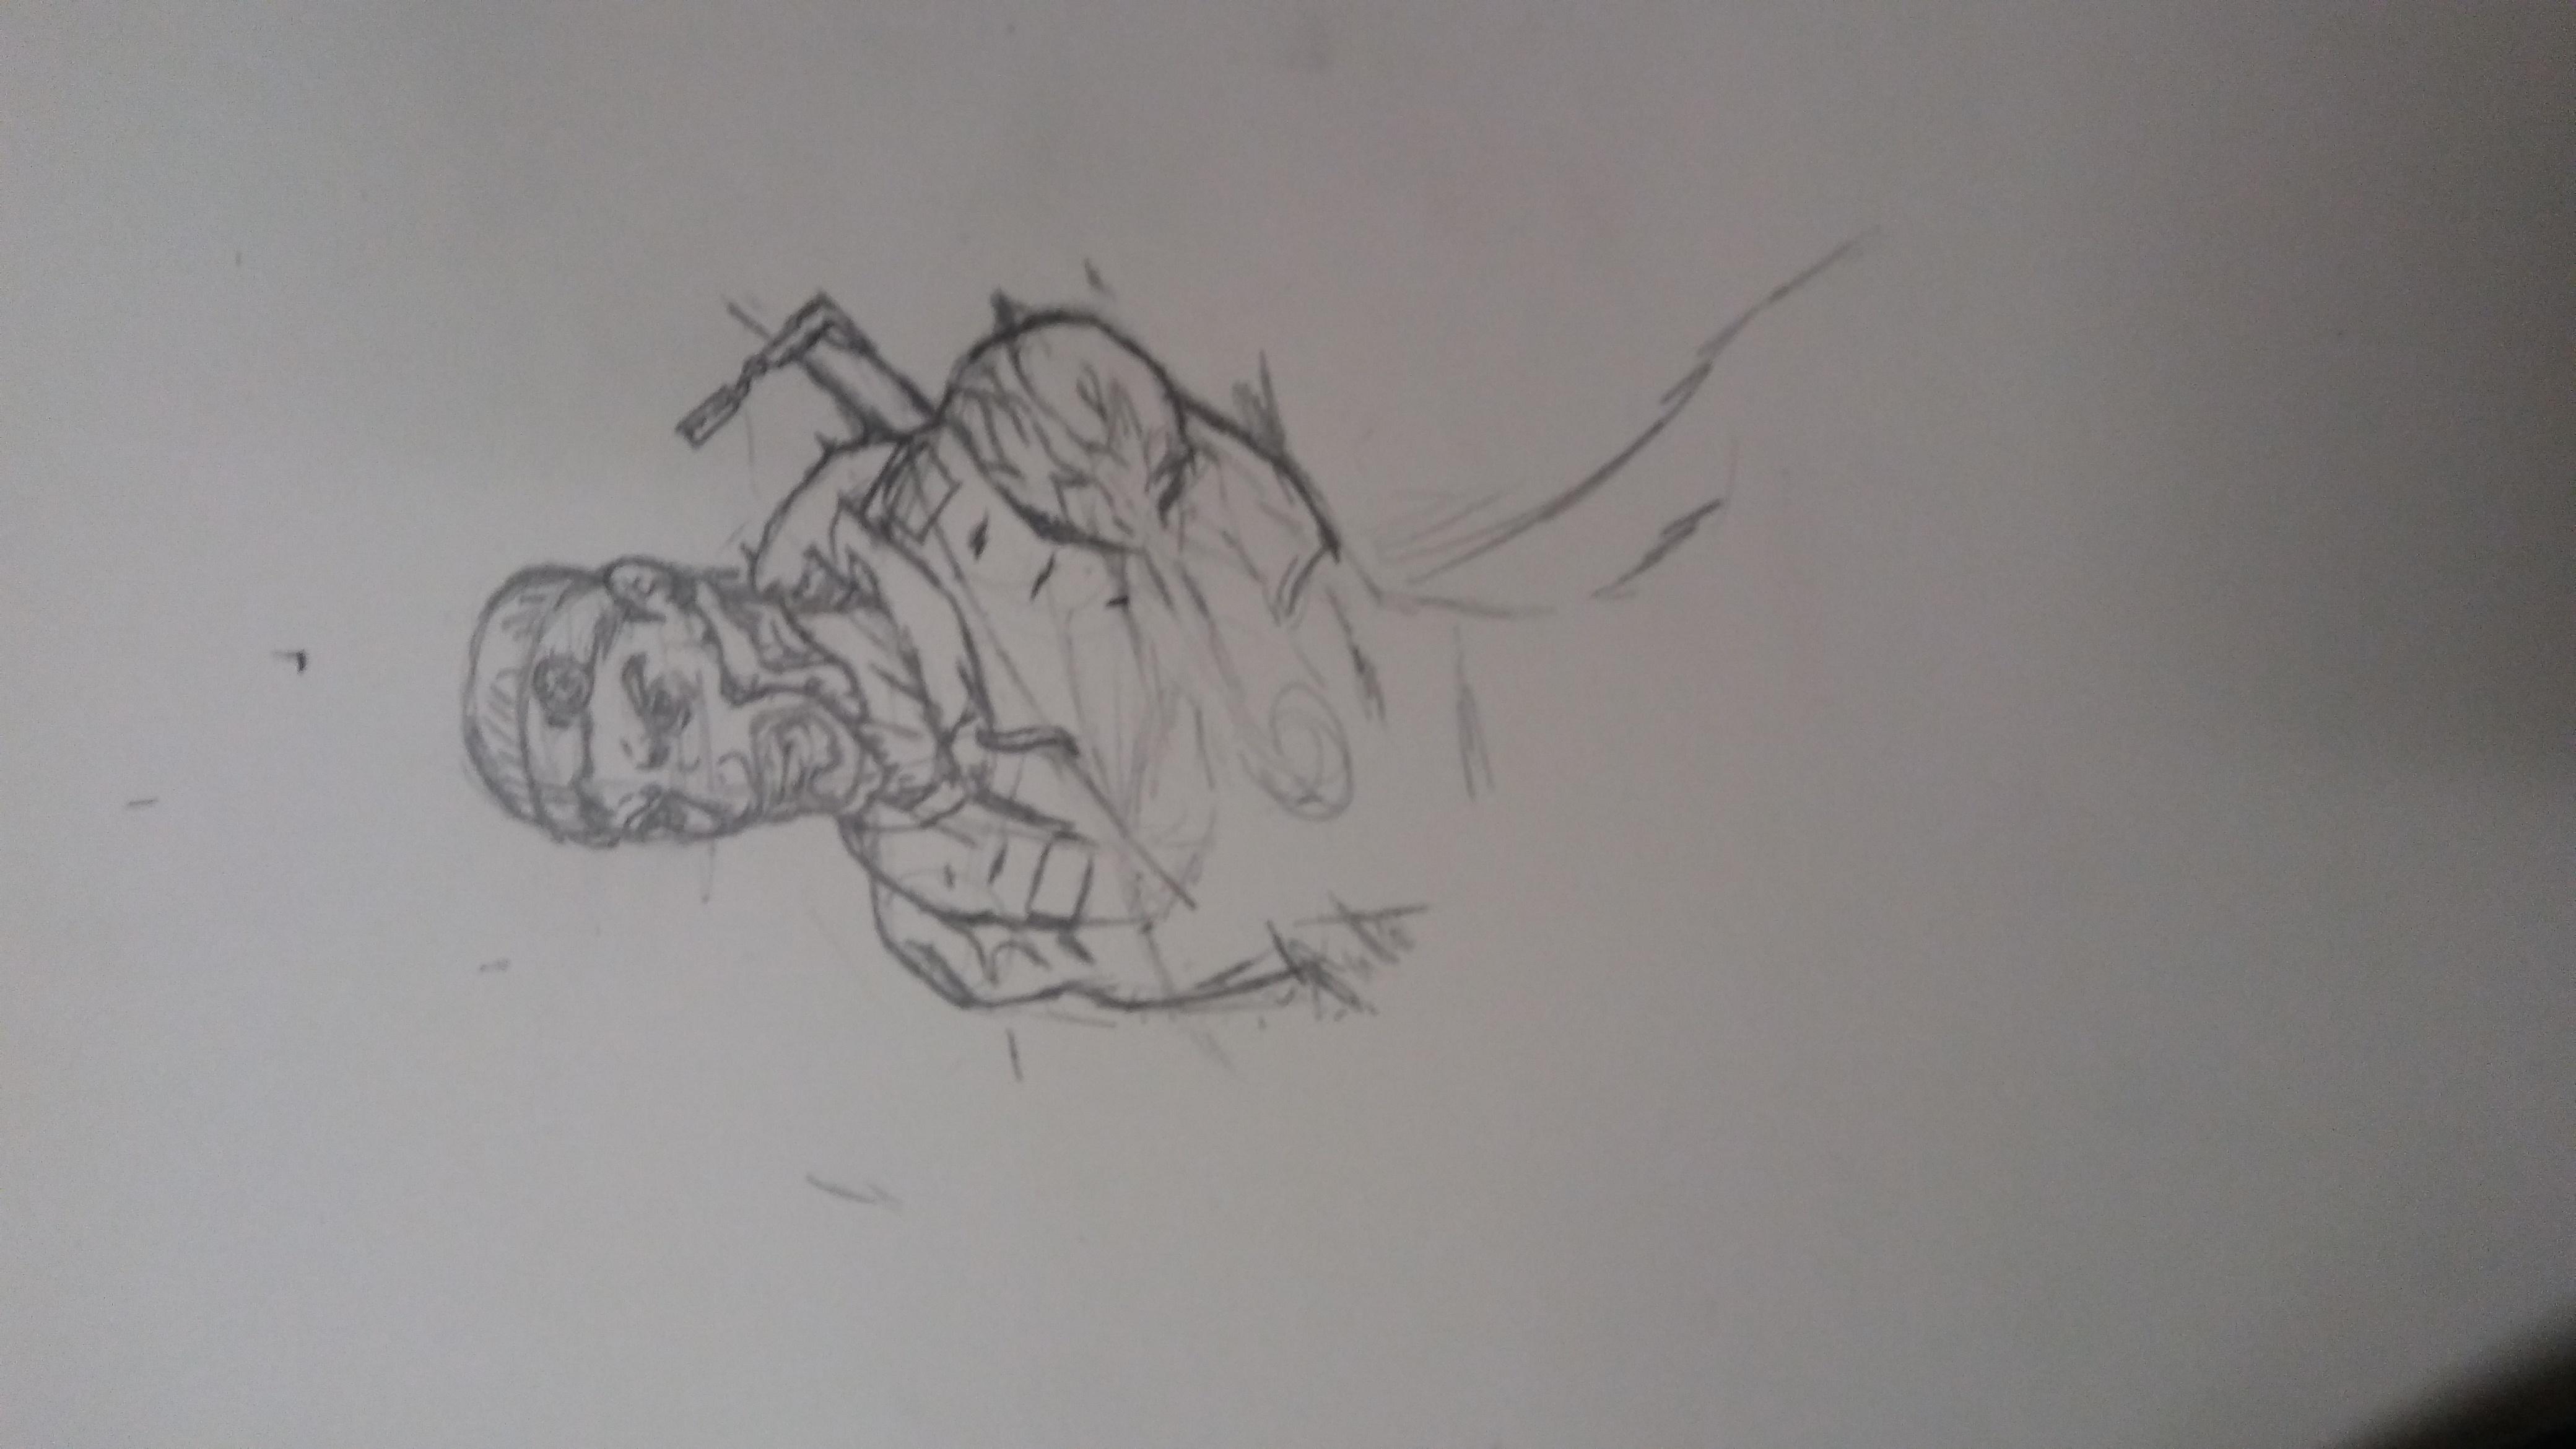 Reaper transcended (work in progress)